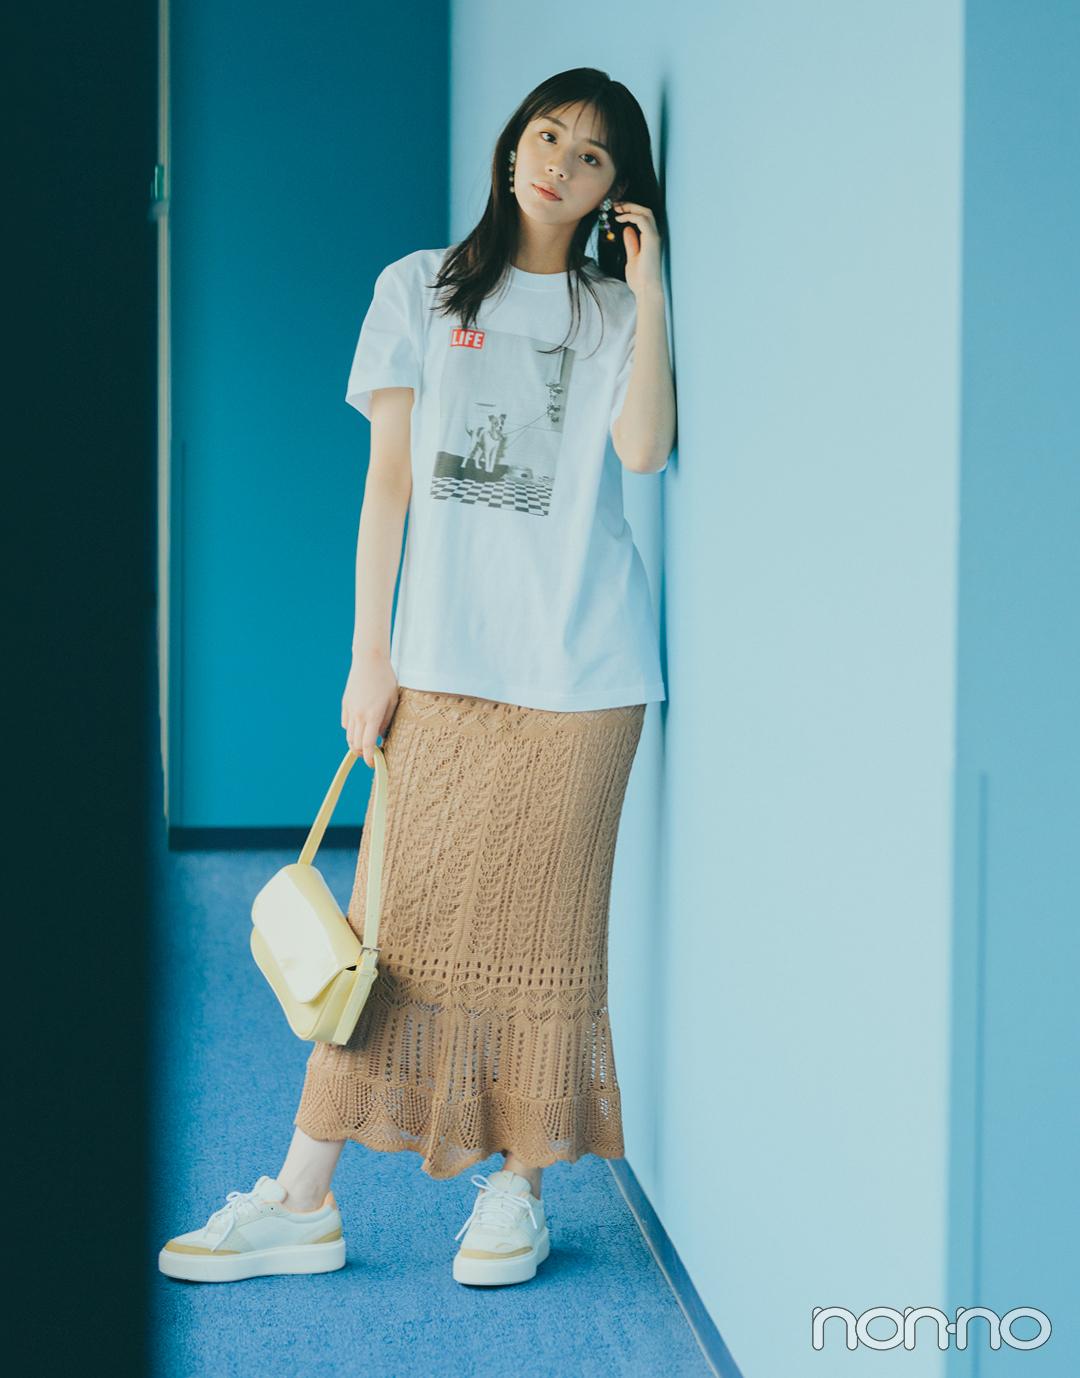 『貴島明日香』の『 クロシェスカート』モデルカット4−3